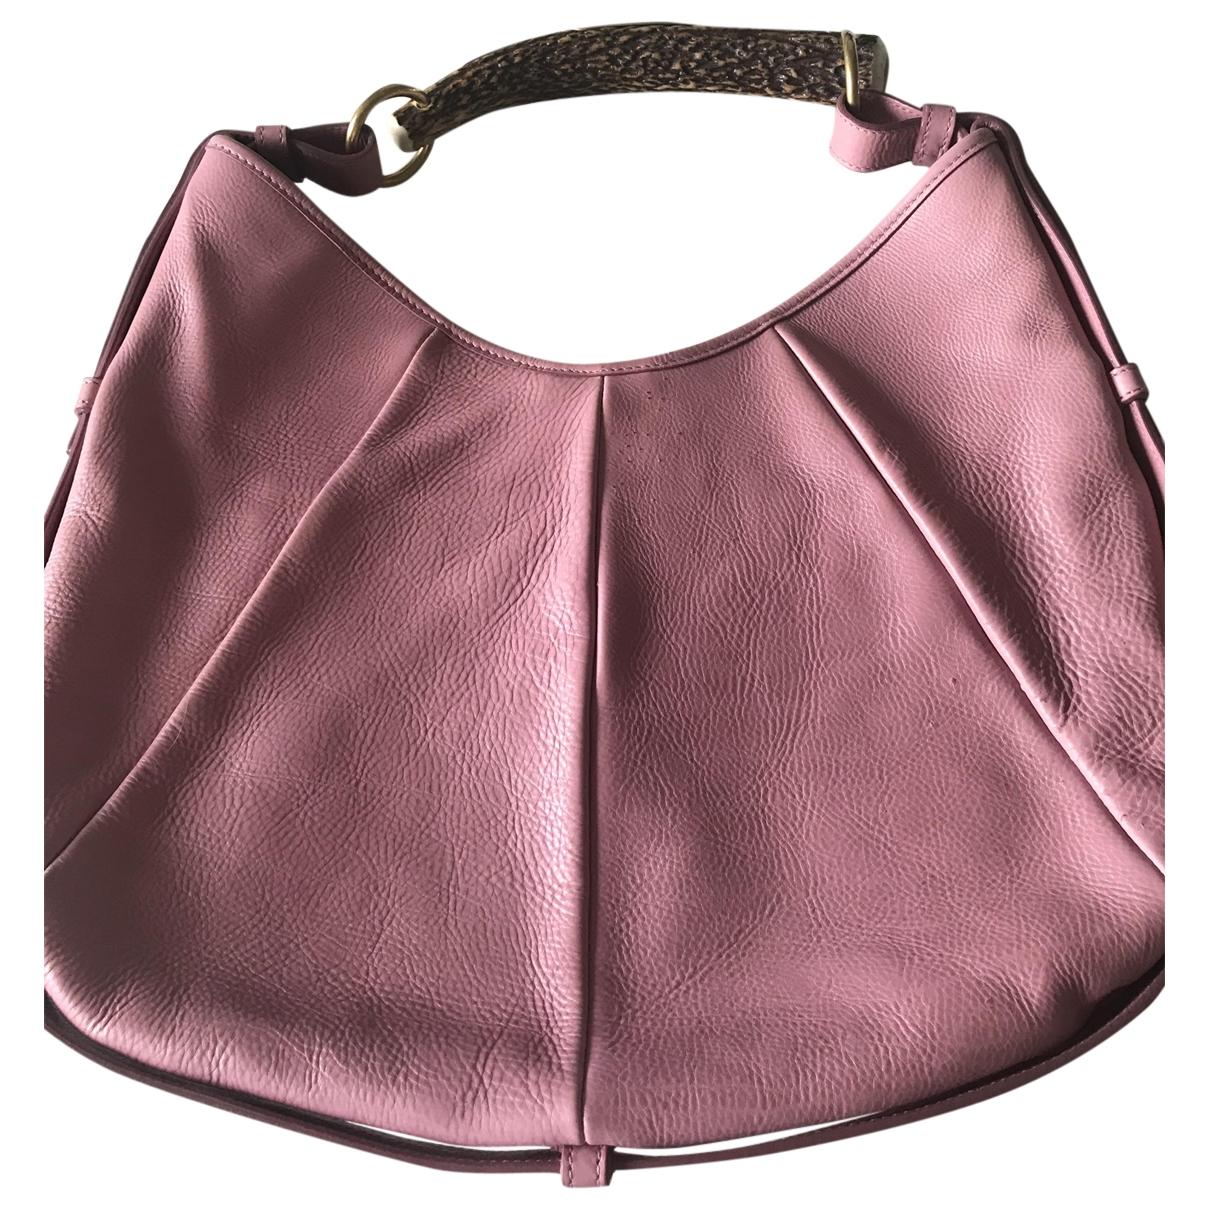 Yves Saint Laurent Mombasa Handtasche in  Rosa Leder